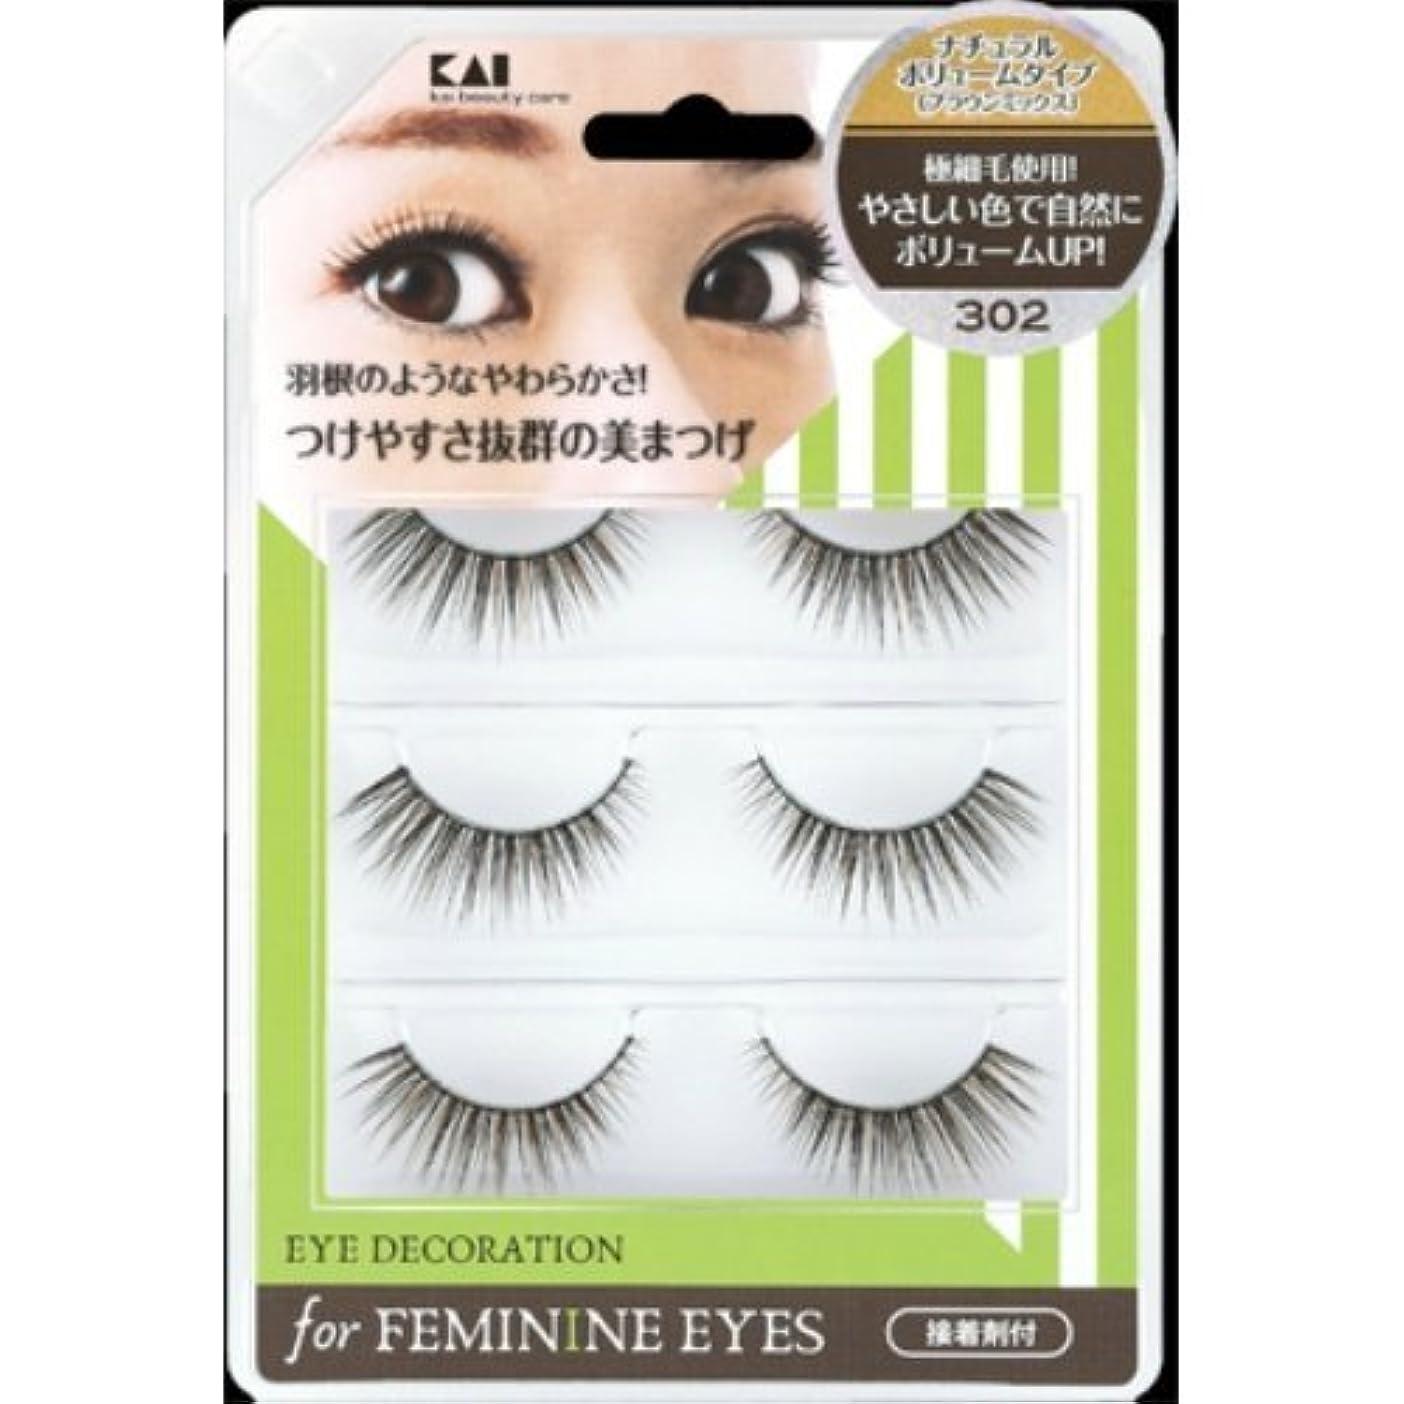 寮温度計ジャグリング貝印 アイデコレーション for feminine eyes 302 HC1562